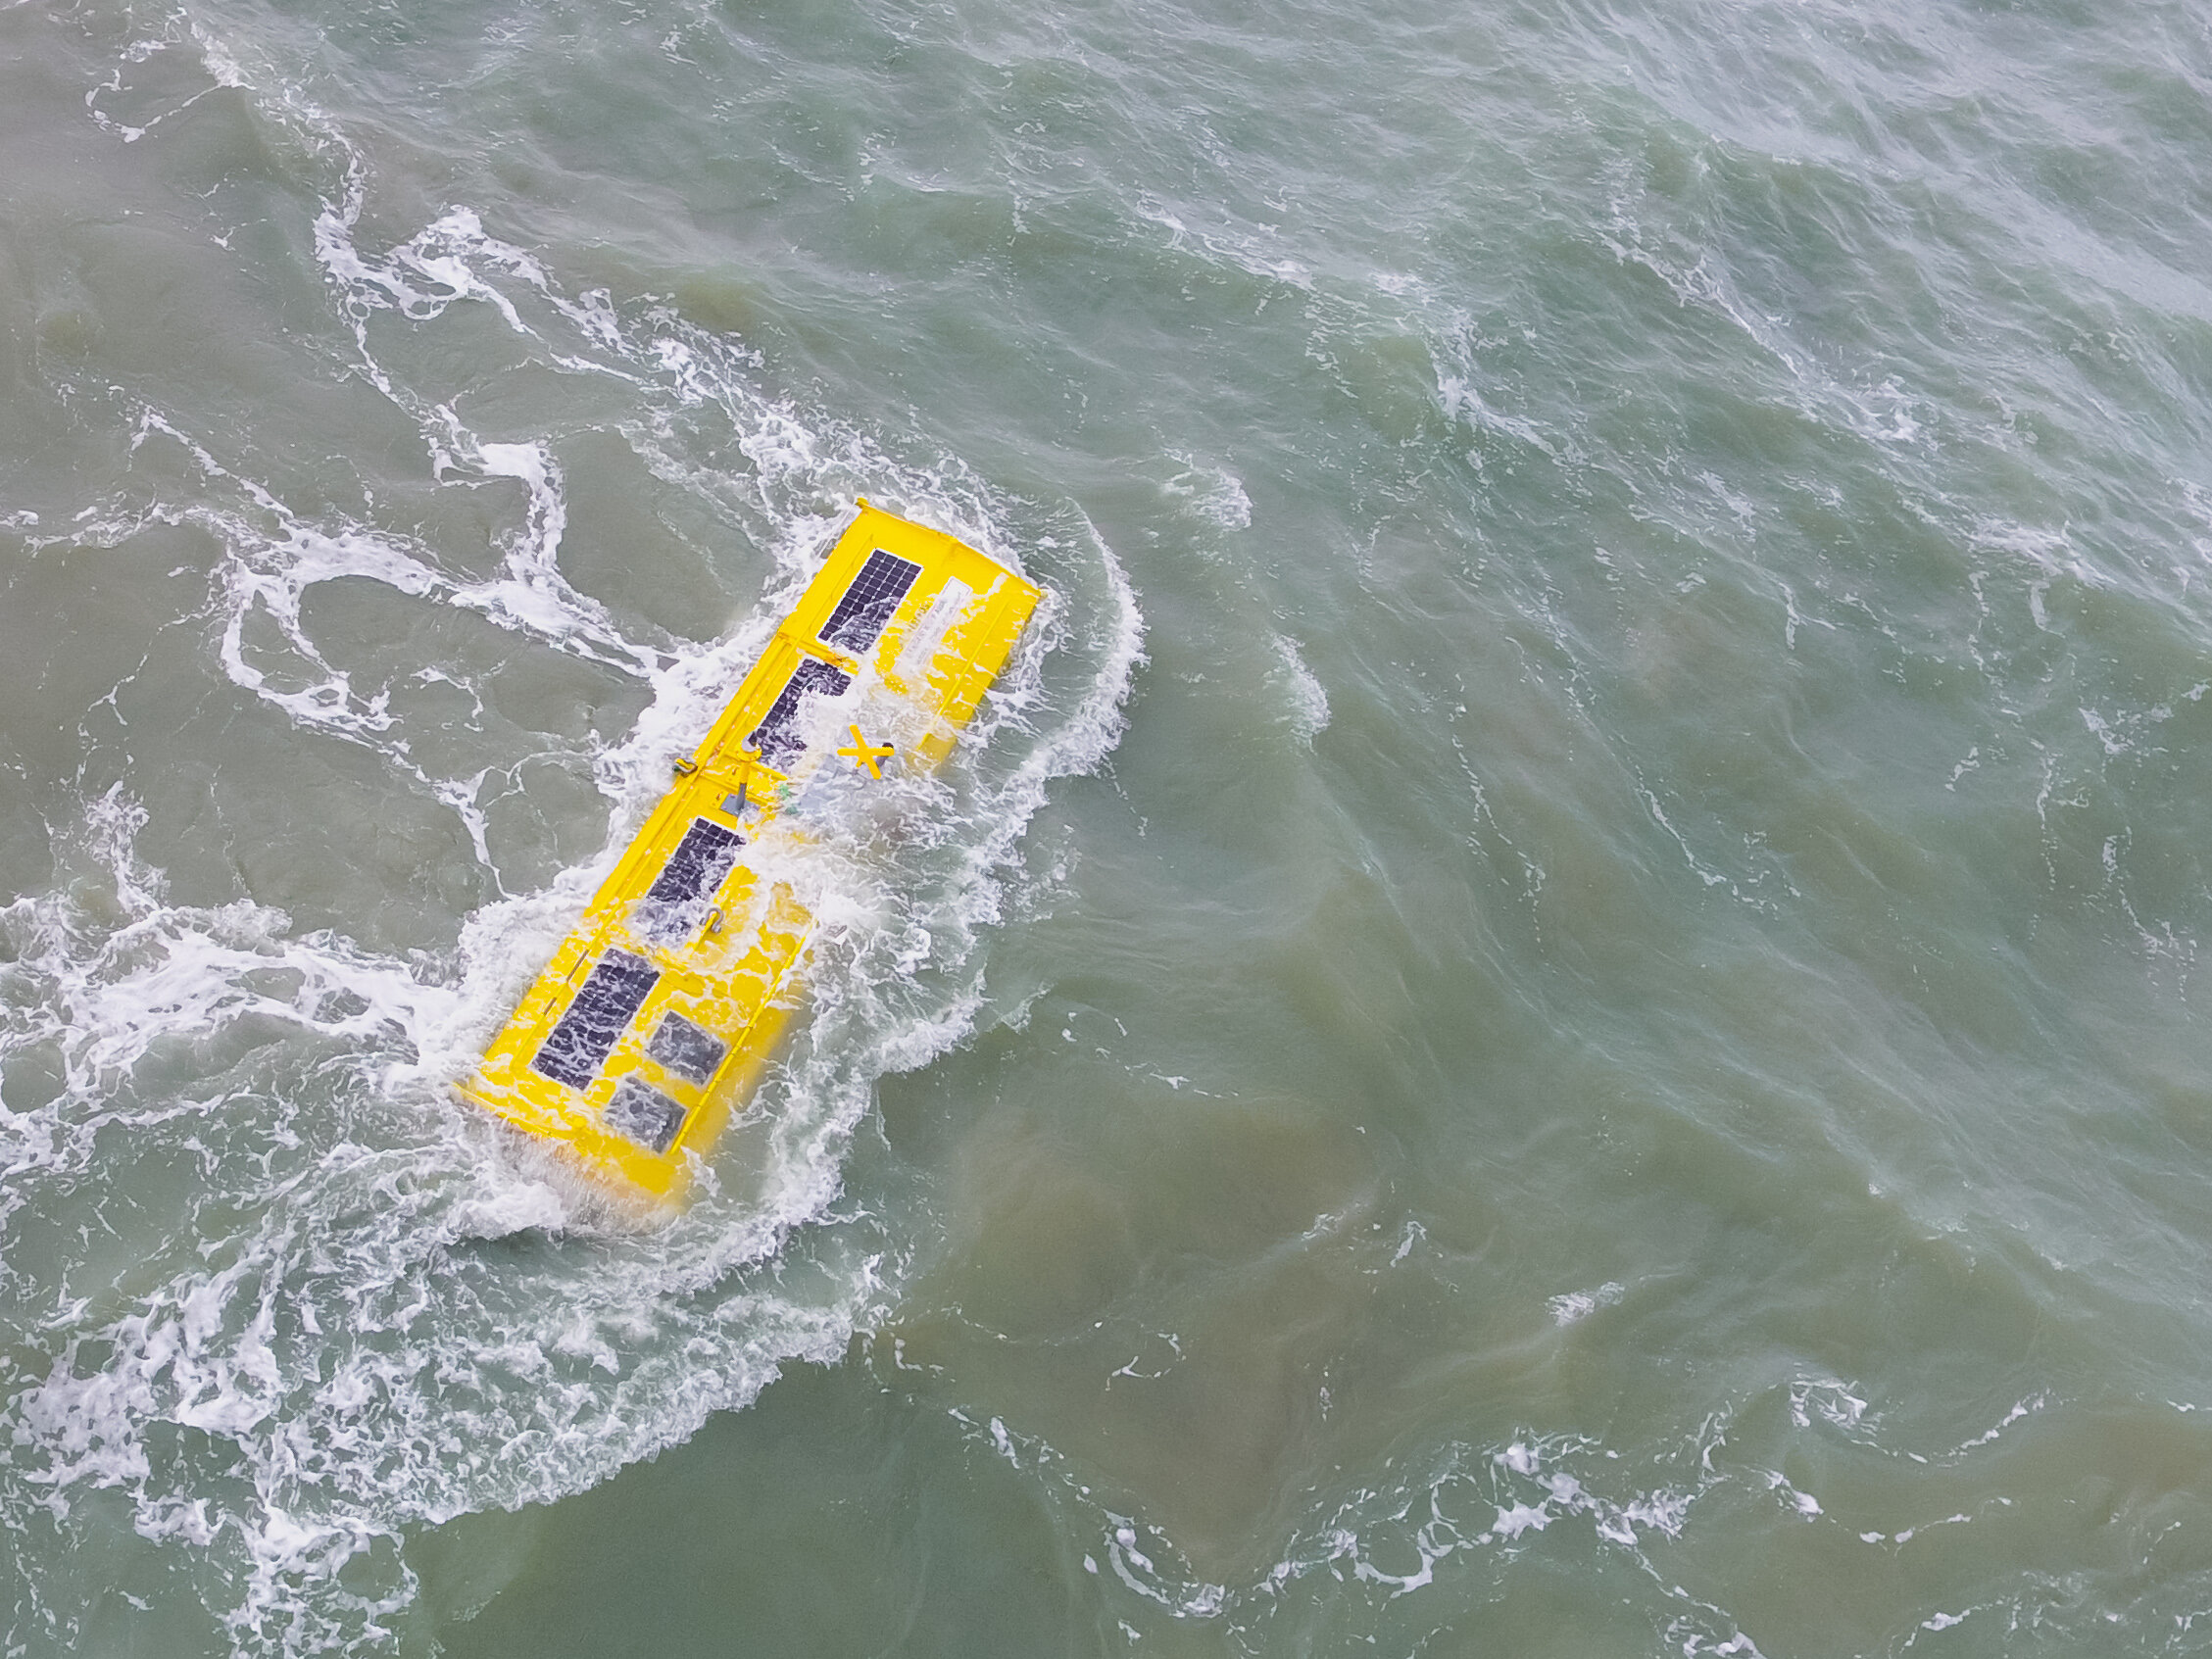 Picture: Vives Dronelab